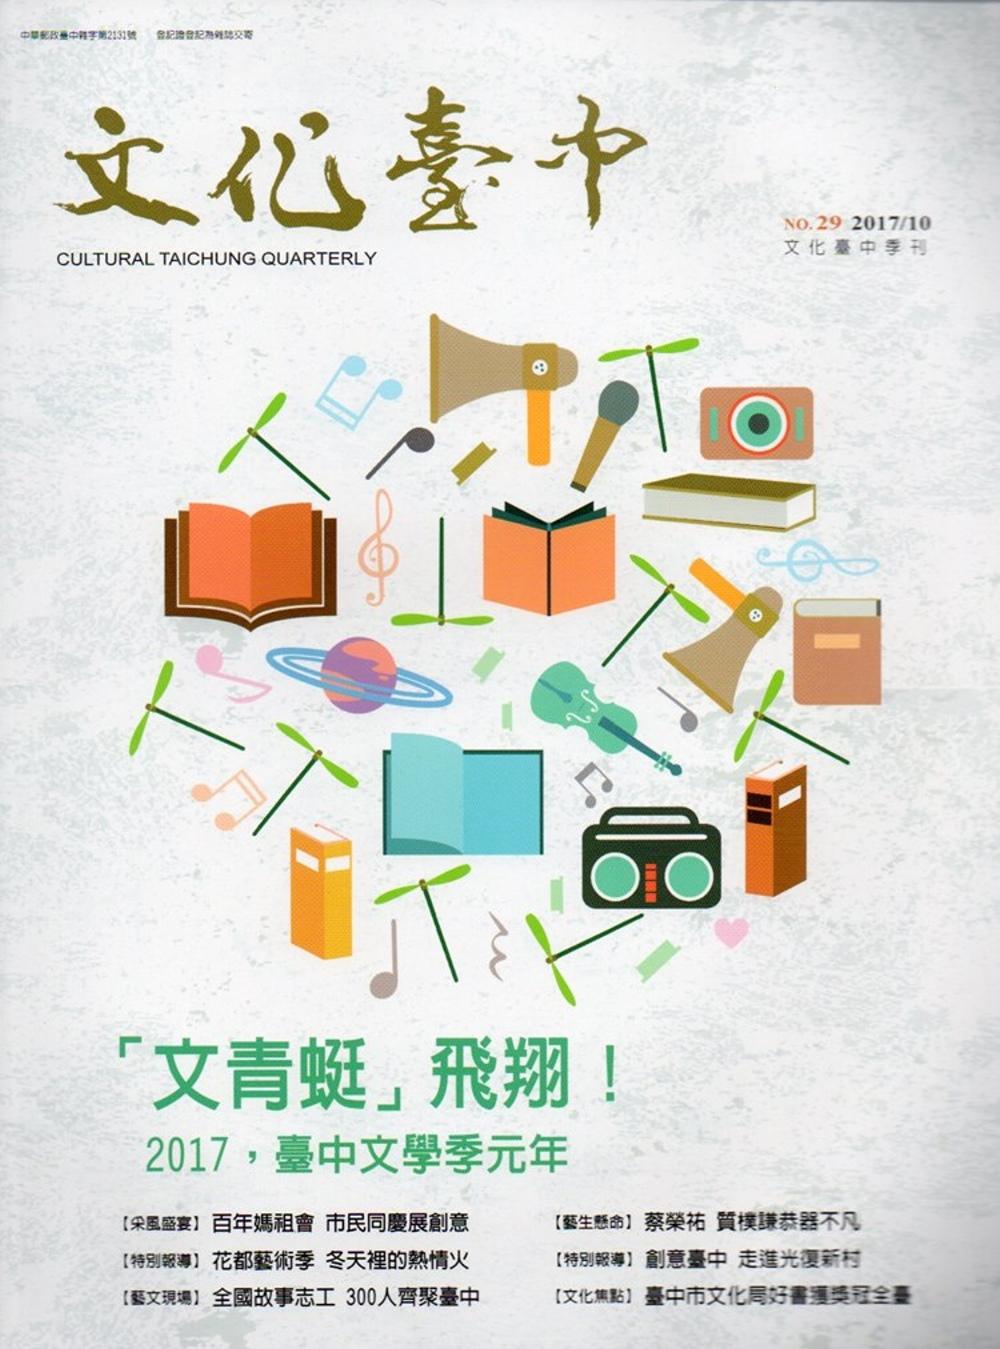 文化臺中雙月刊29期(2017.10)